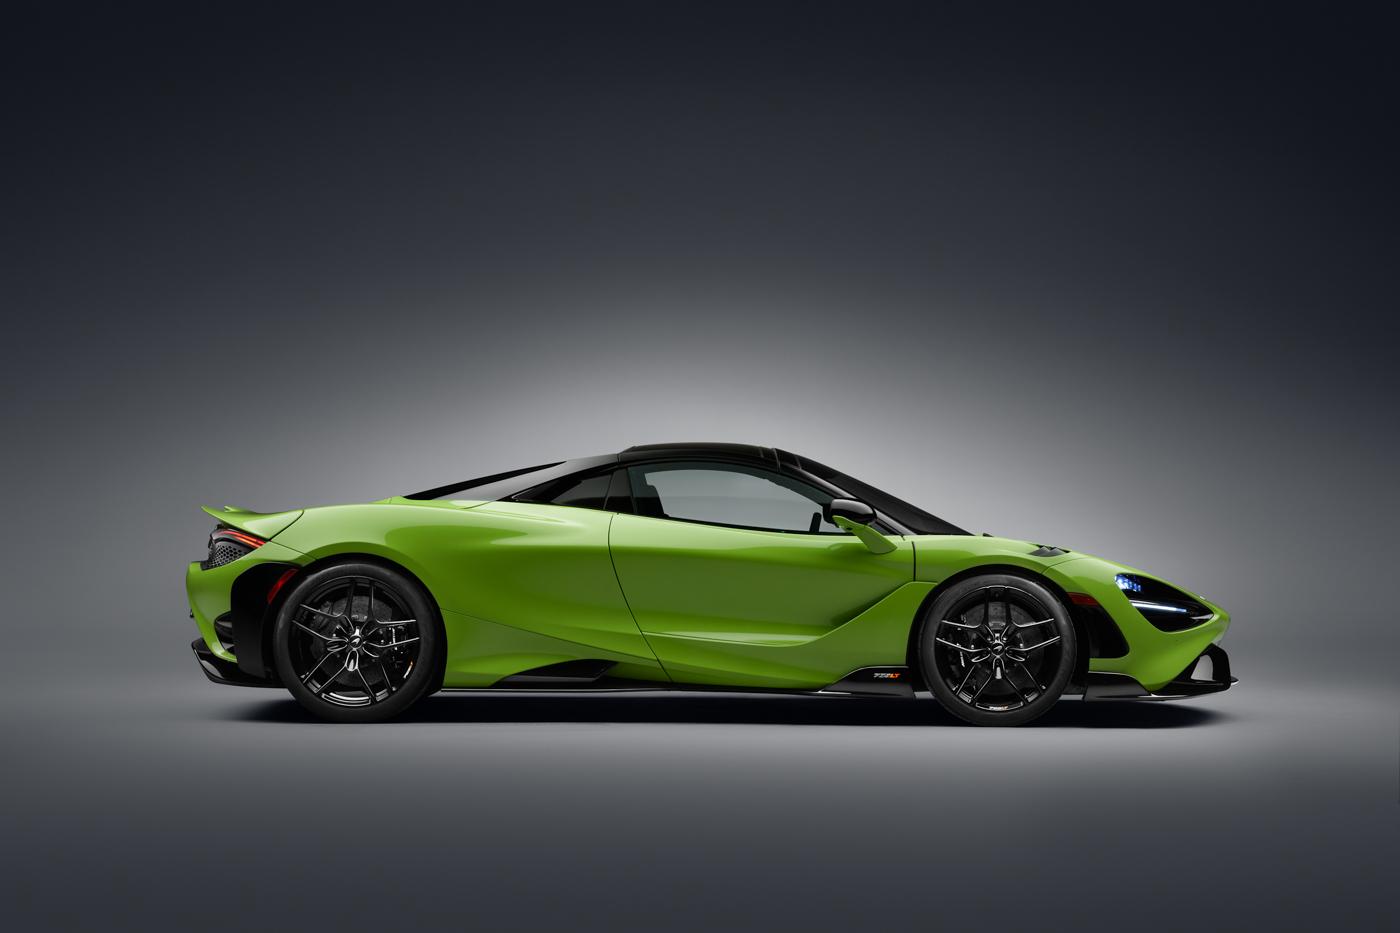 McLaren-765-LT-Spider-siêu-xe-mui-trần-hiệu-năng-cao-dẫn-đầu-phân-khúc-39.jpg